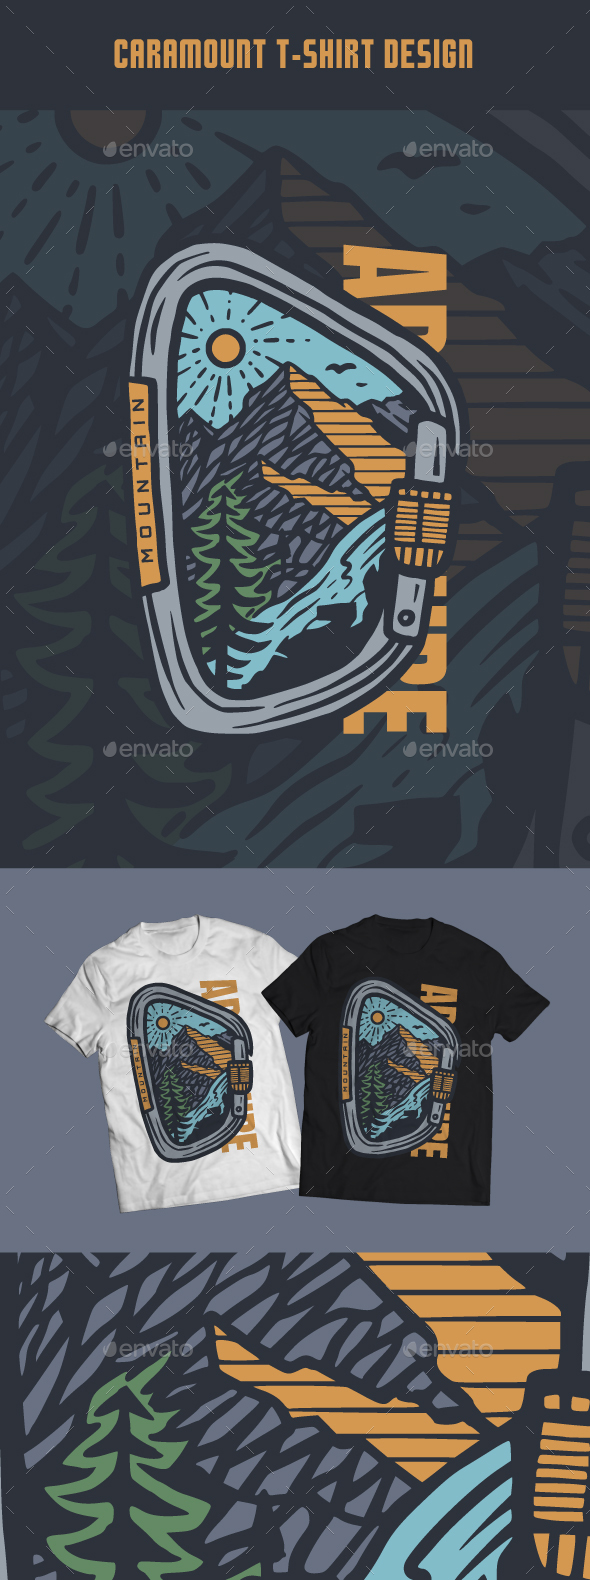 Caramount T-Shirt Design